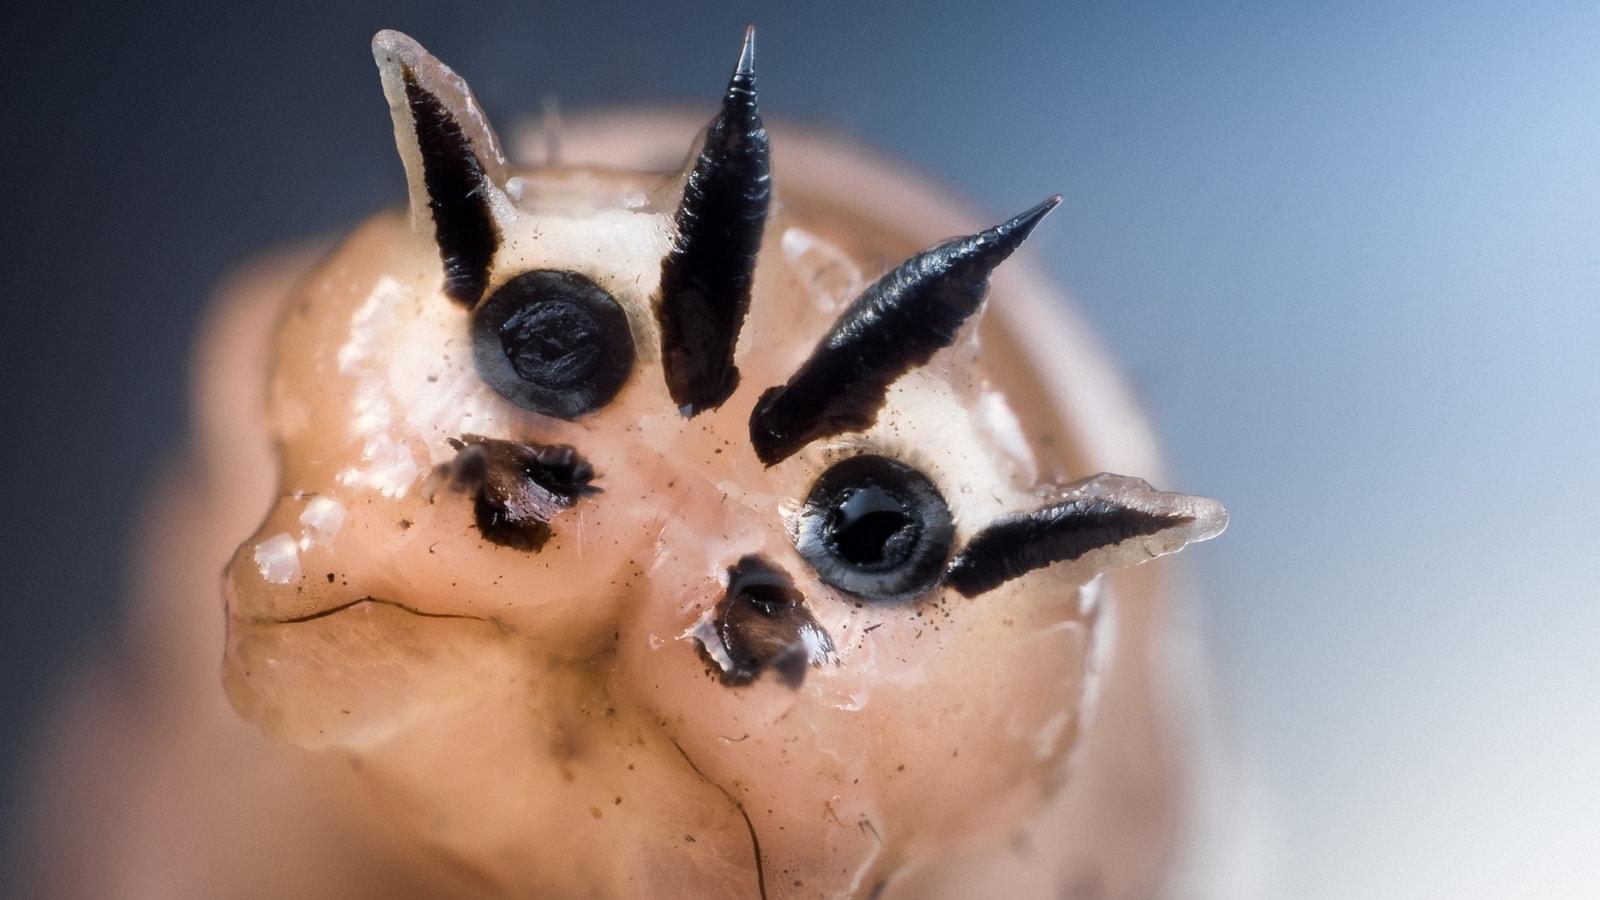 Insekter i plåt och insekter i extrem närbild